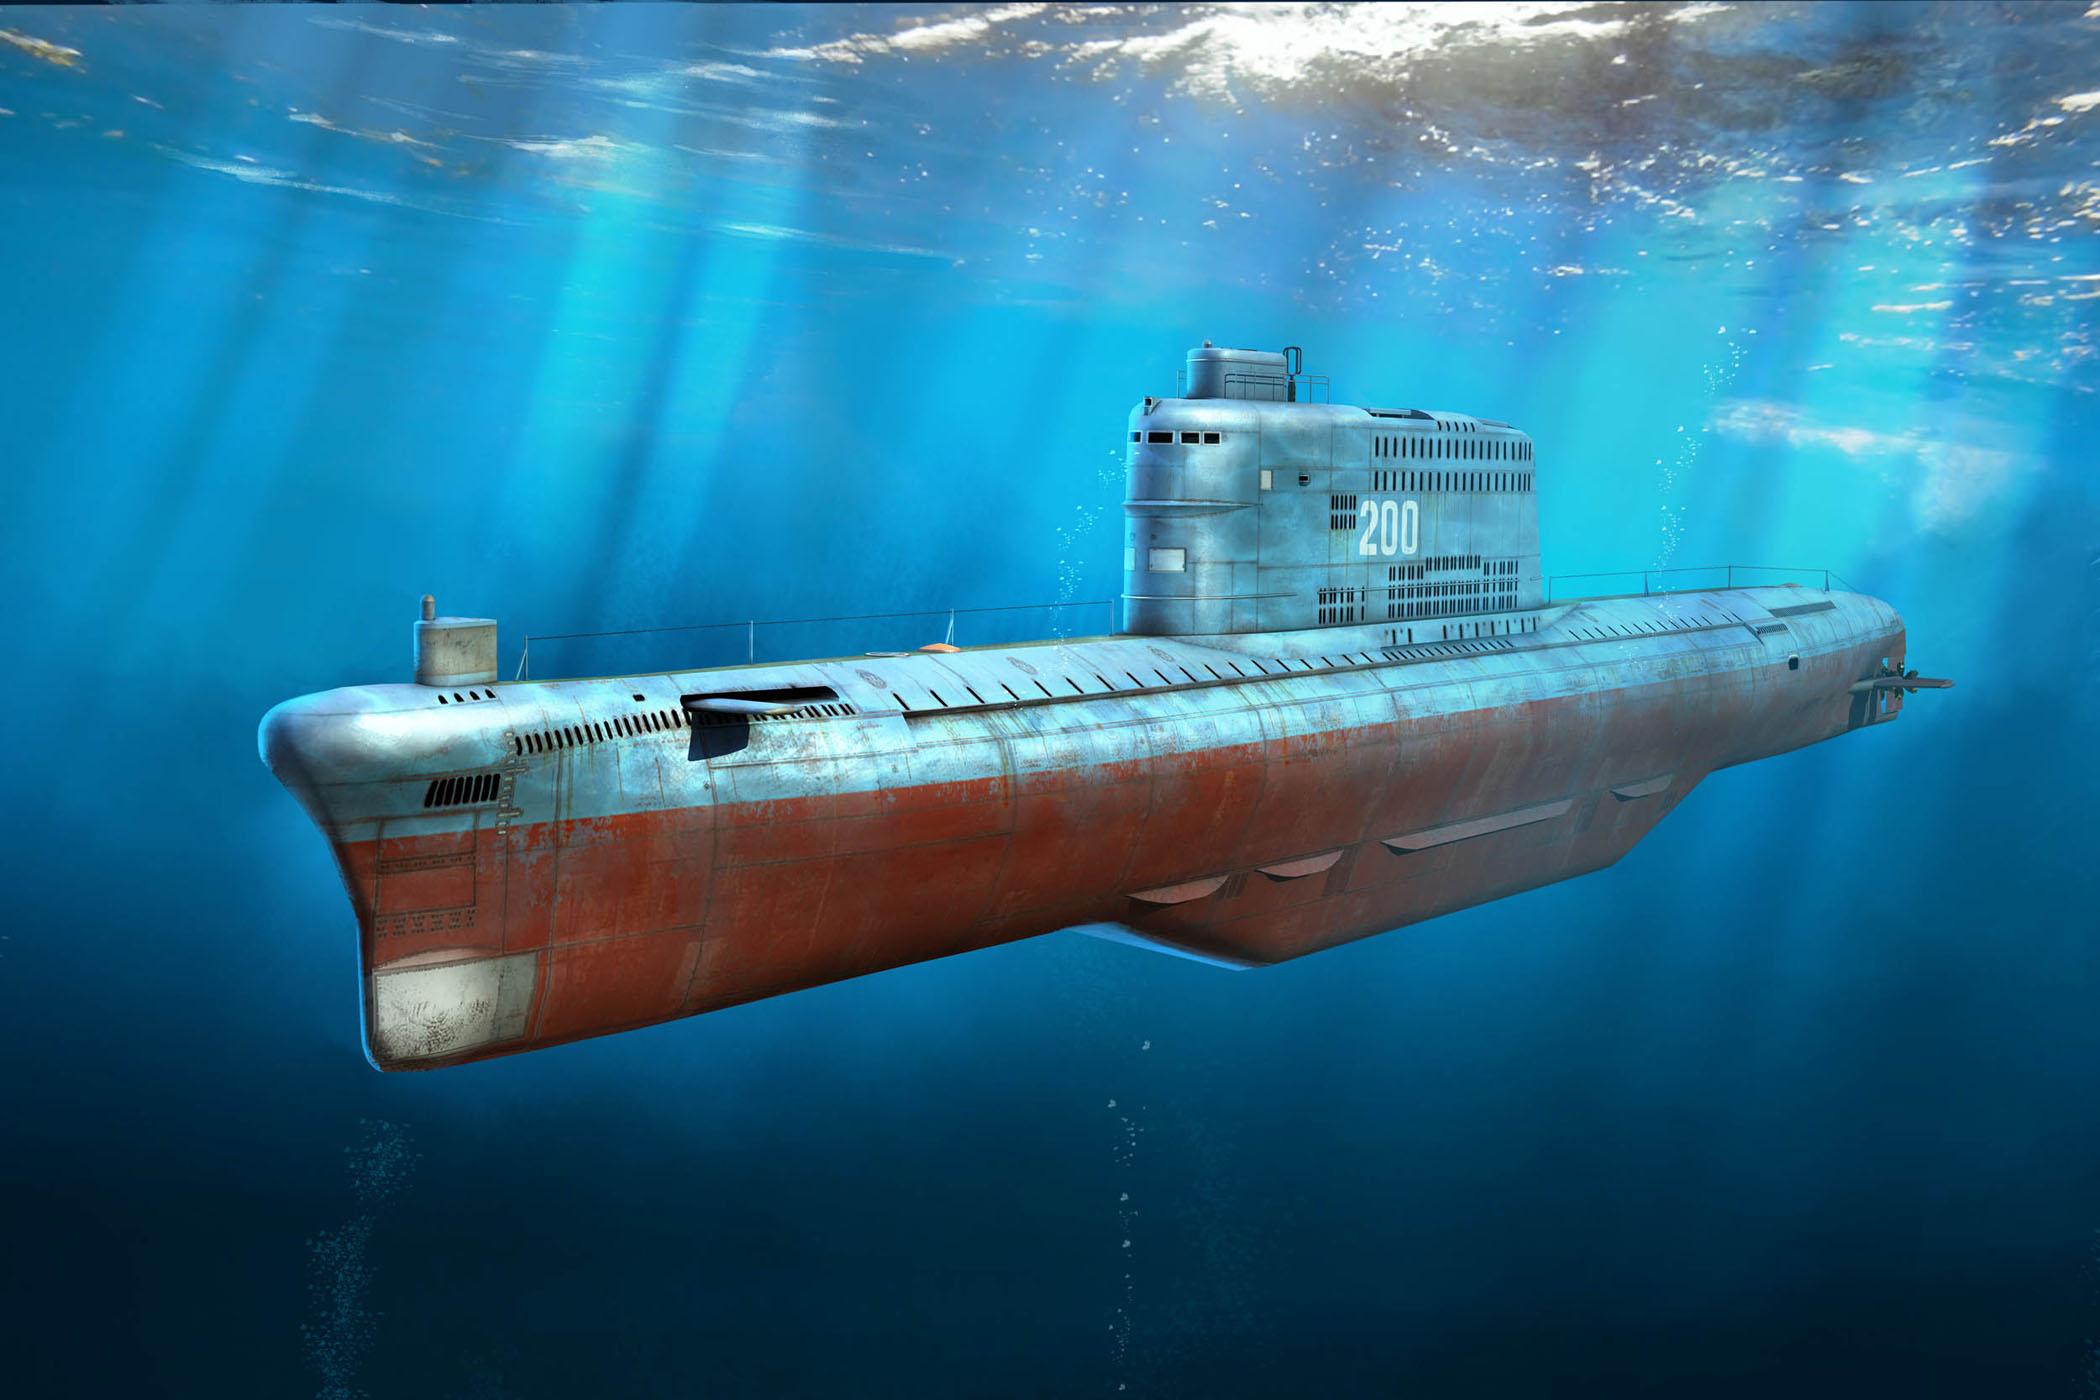 1/350 中国海軍 031型弾道ミサイル潜水艦 ゴルフ型 [83514] - 3,872円 ...